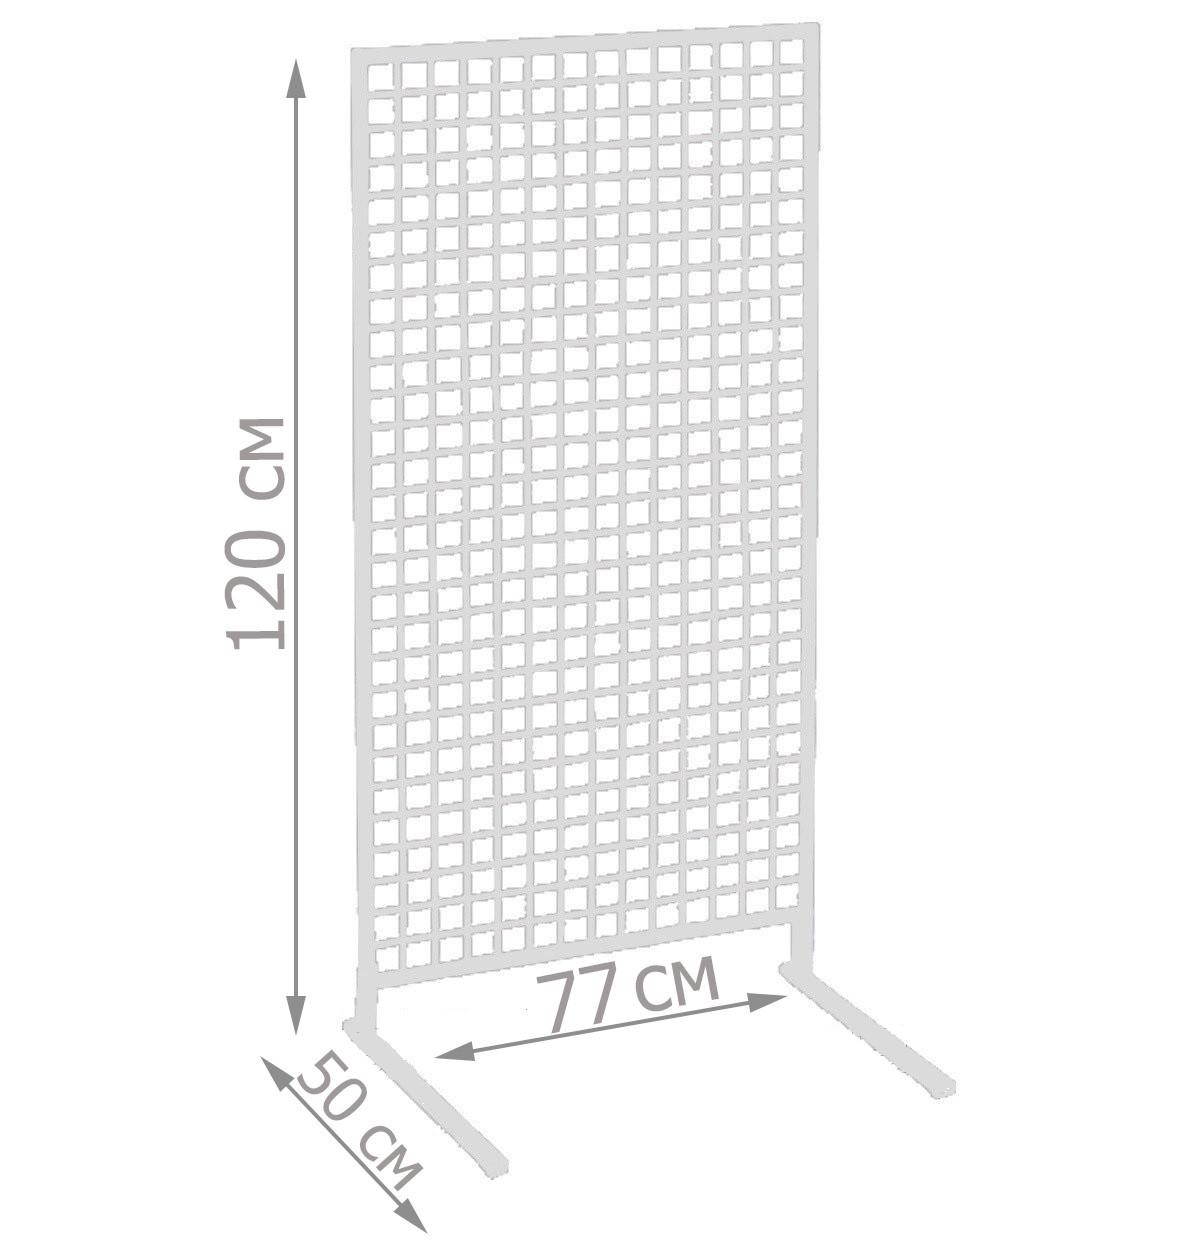 Торговая сетка стойка на ножках 120/77см профиль20х20 мм (от производителя оптом и в розницу)